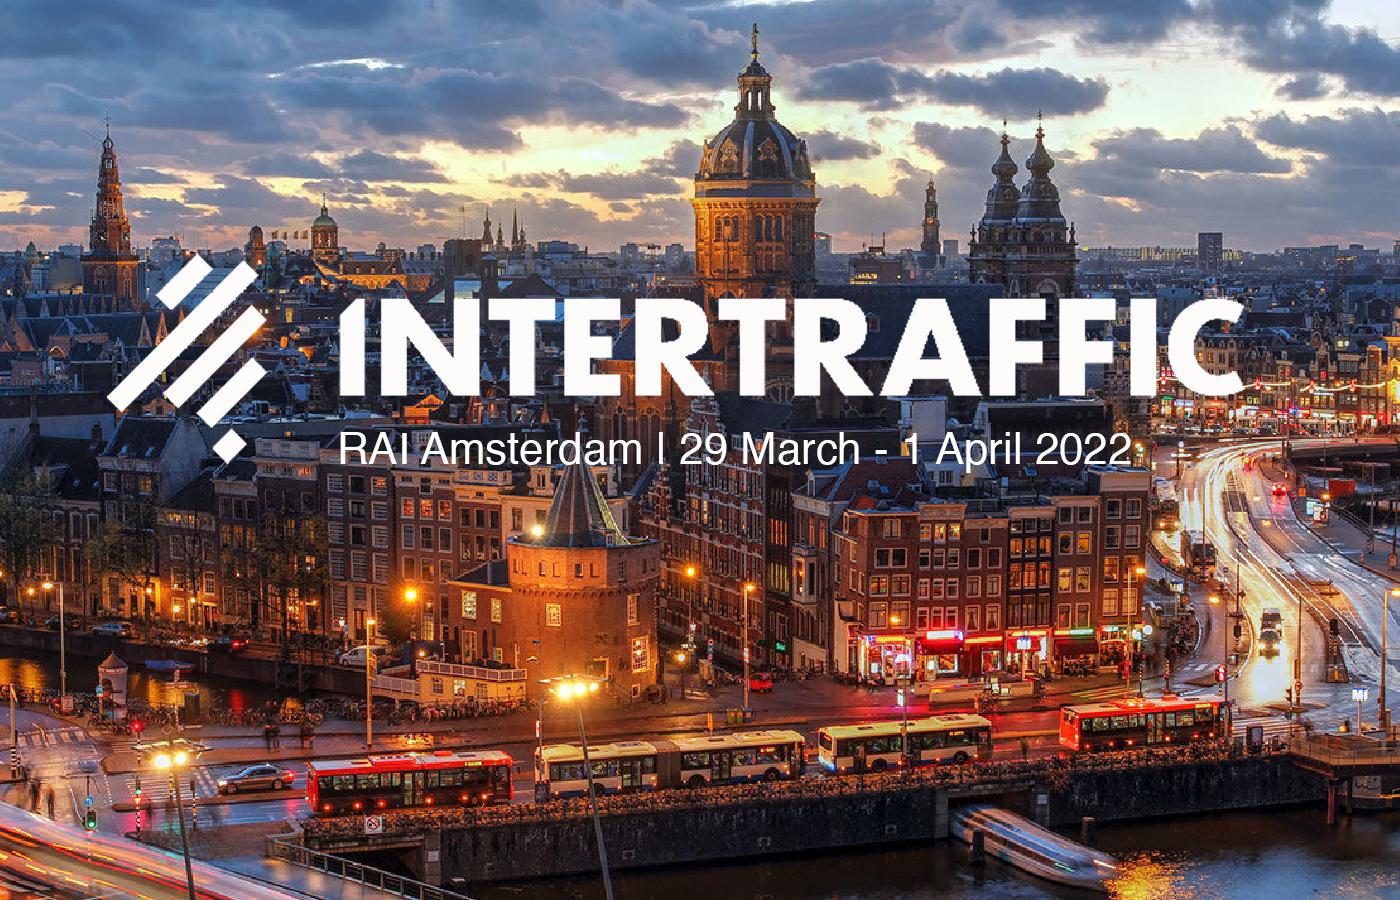 Selea à Intertraffic Amsterdam 2022